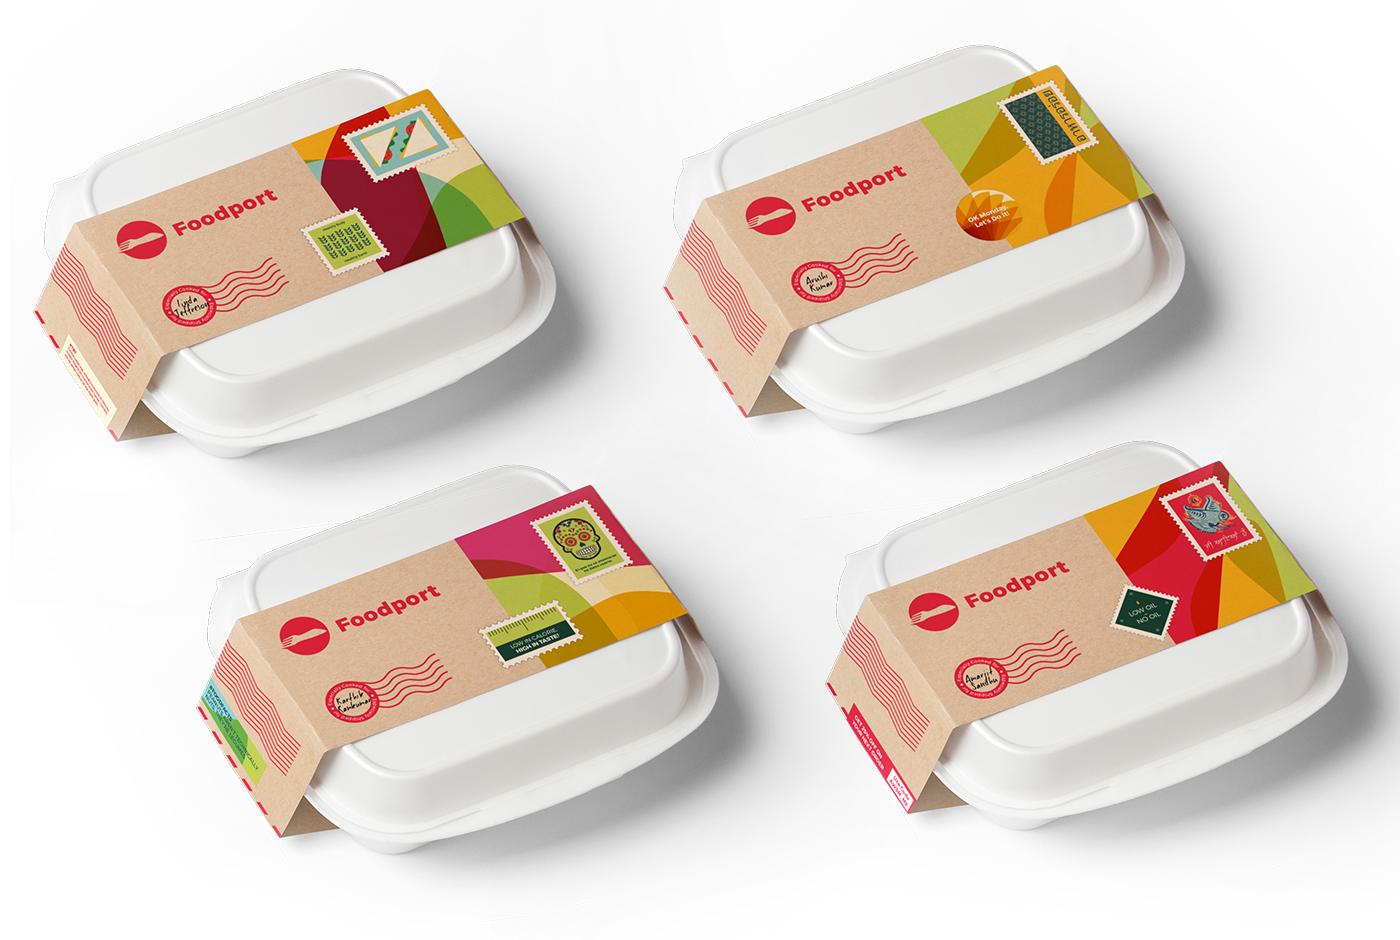 foodport_packaging